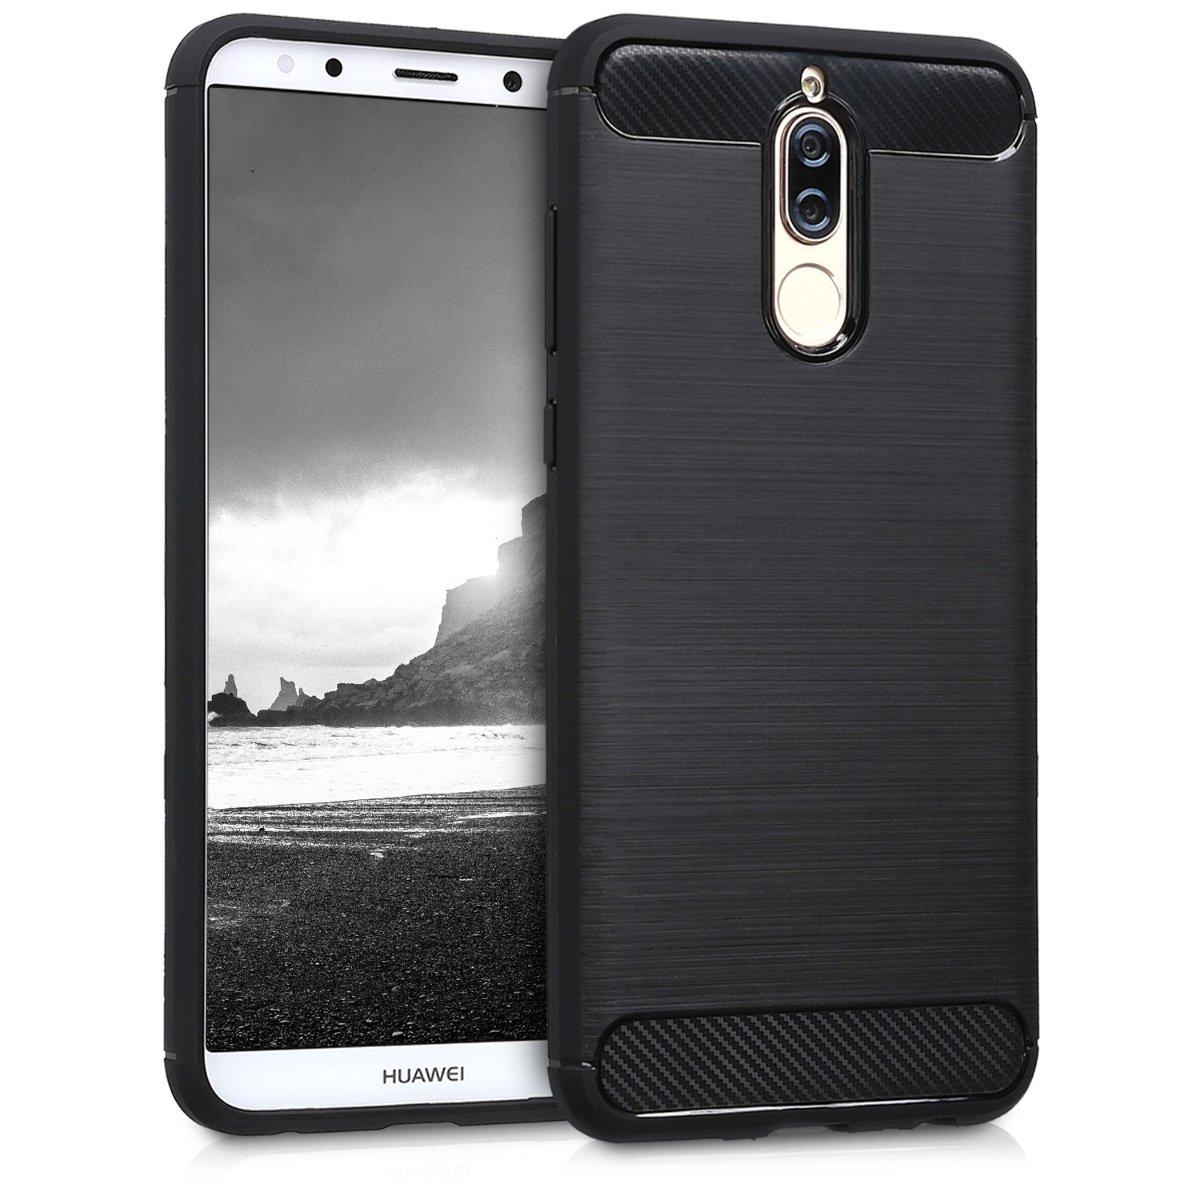 kwmobile Funda para Huawei Mate 10 Lite - Carcasa de [TPU] para móvil y diseño de Carbono Cepillado en [Negro]